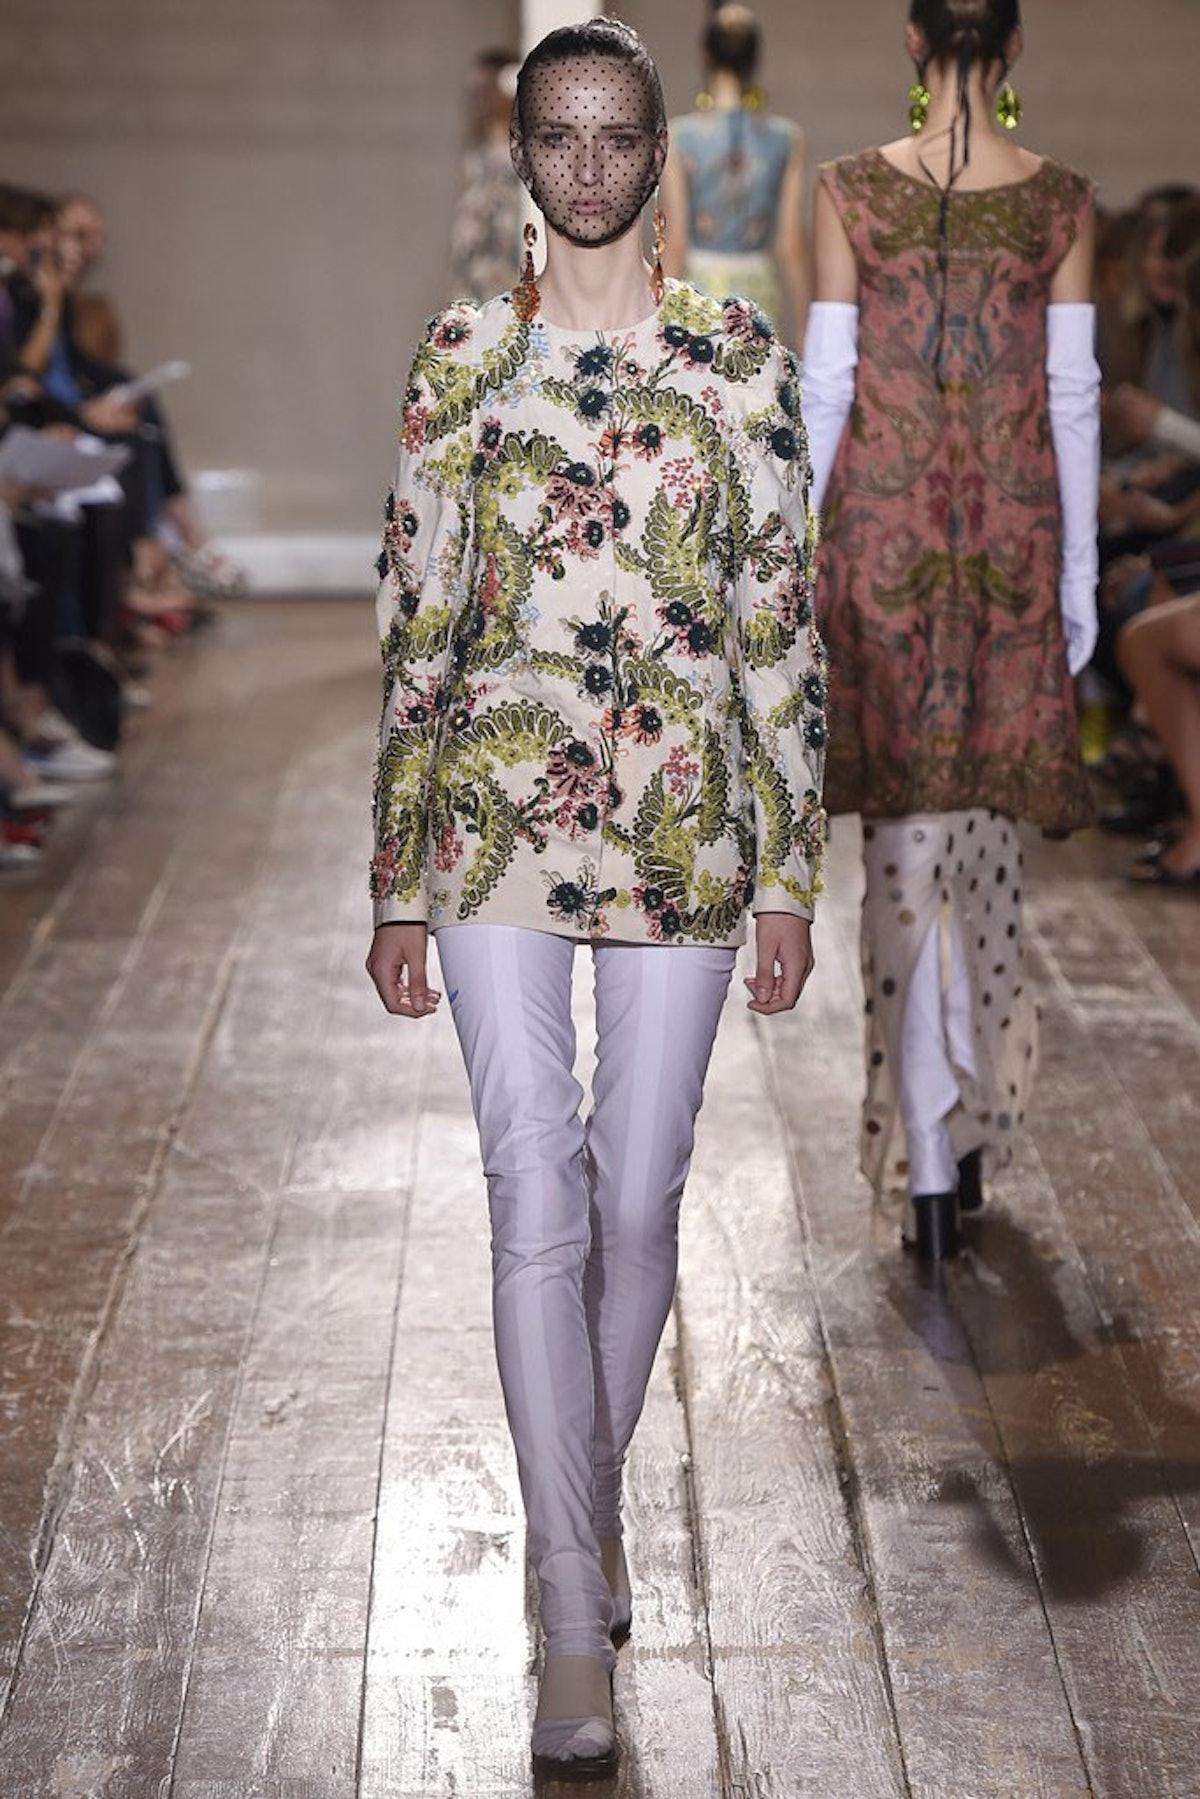 Maison Martin Margiela Fall 2014 Couture